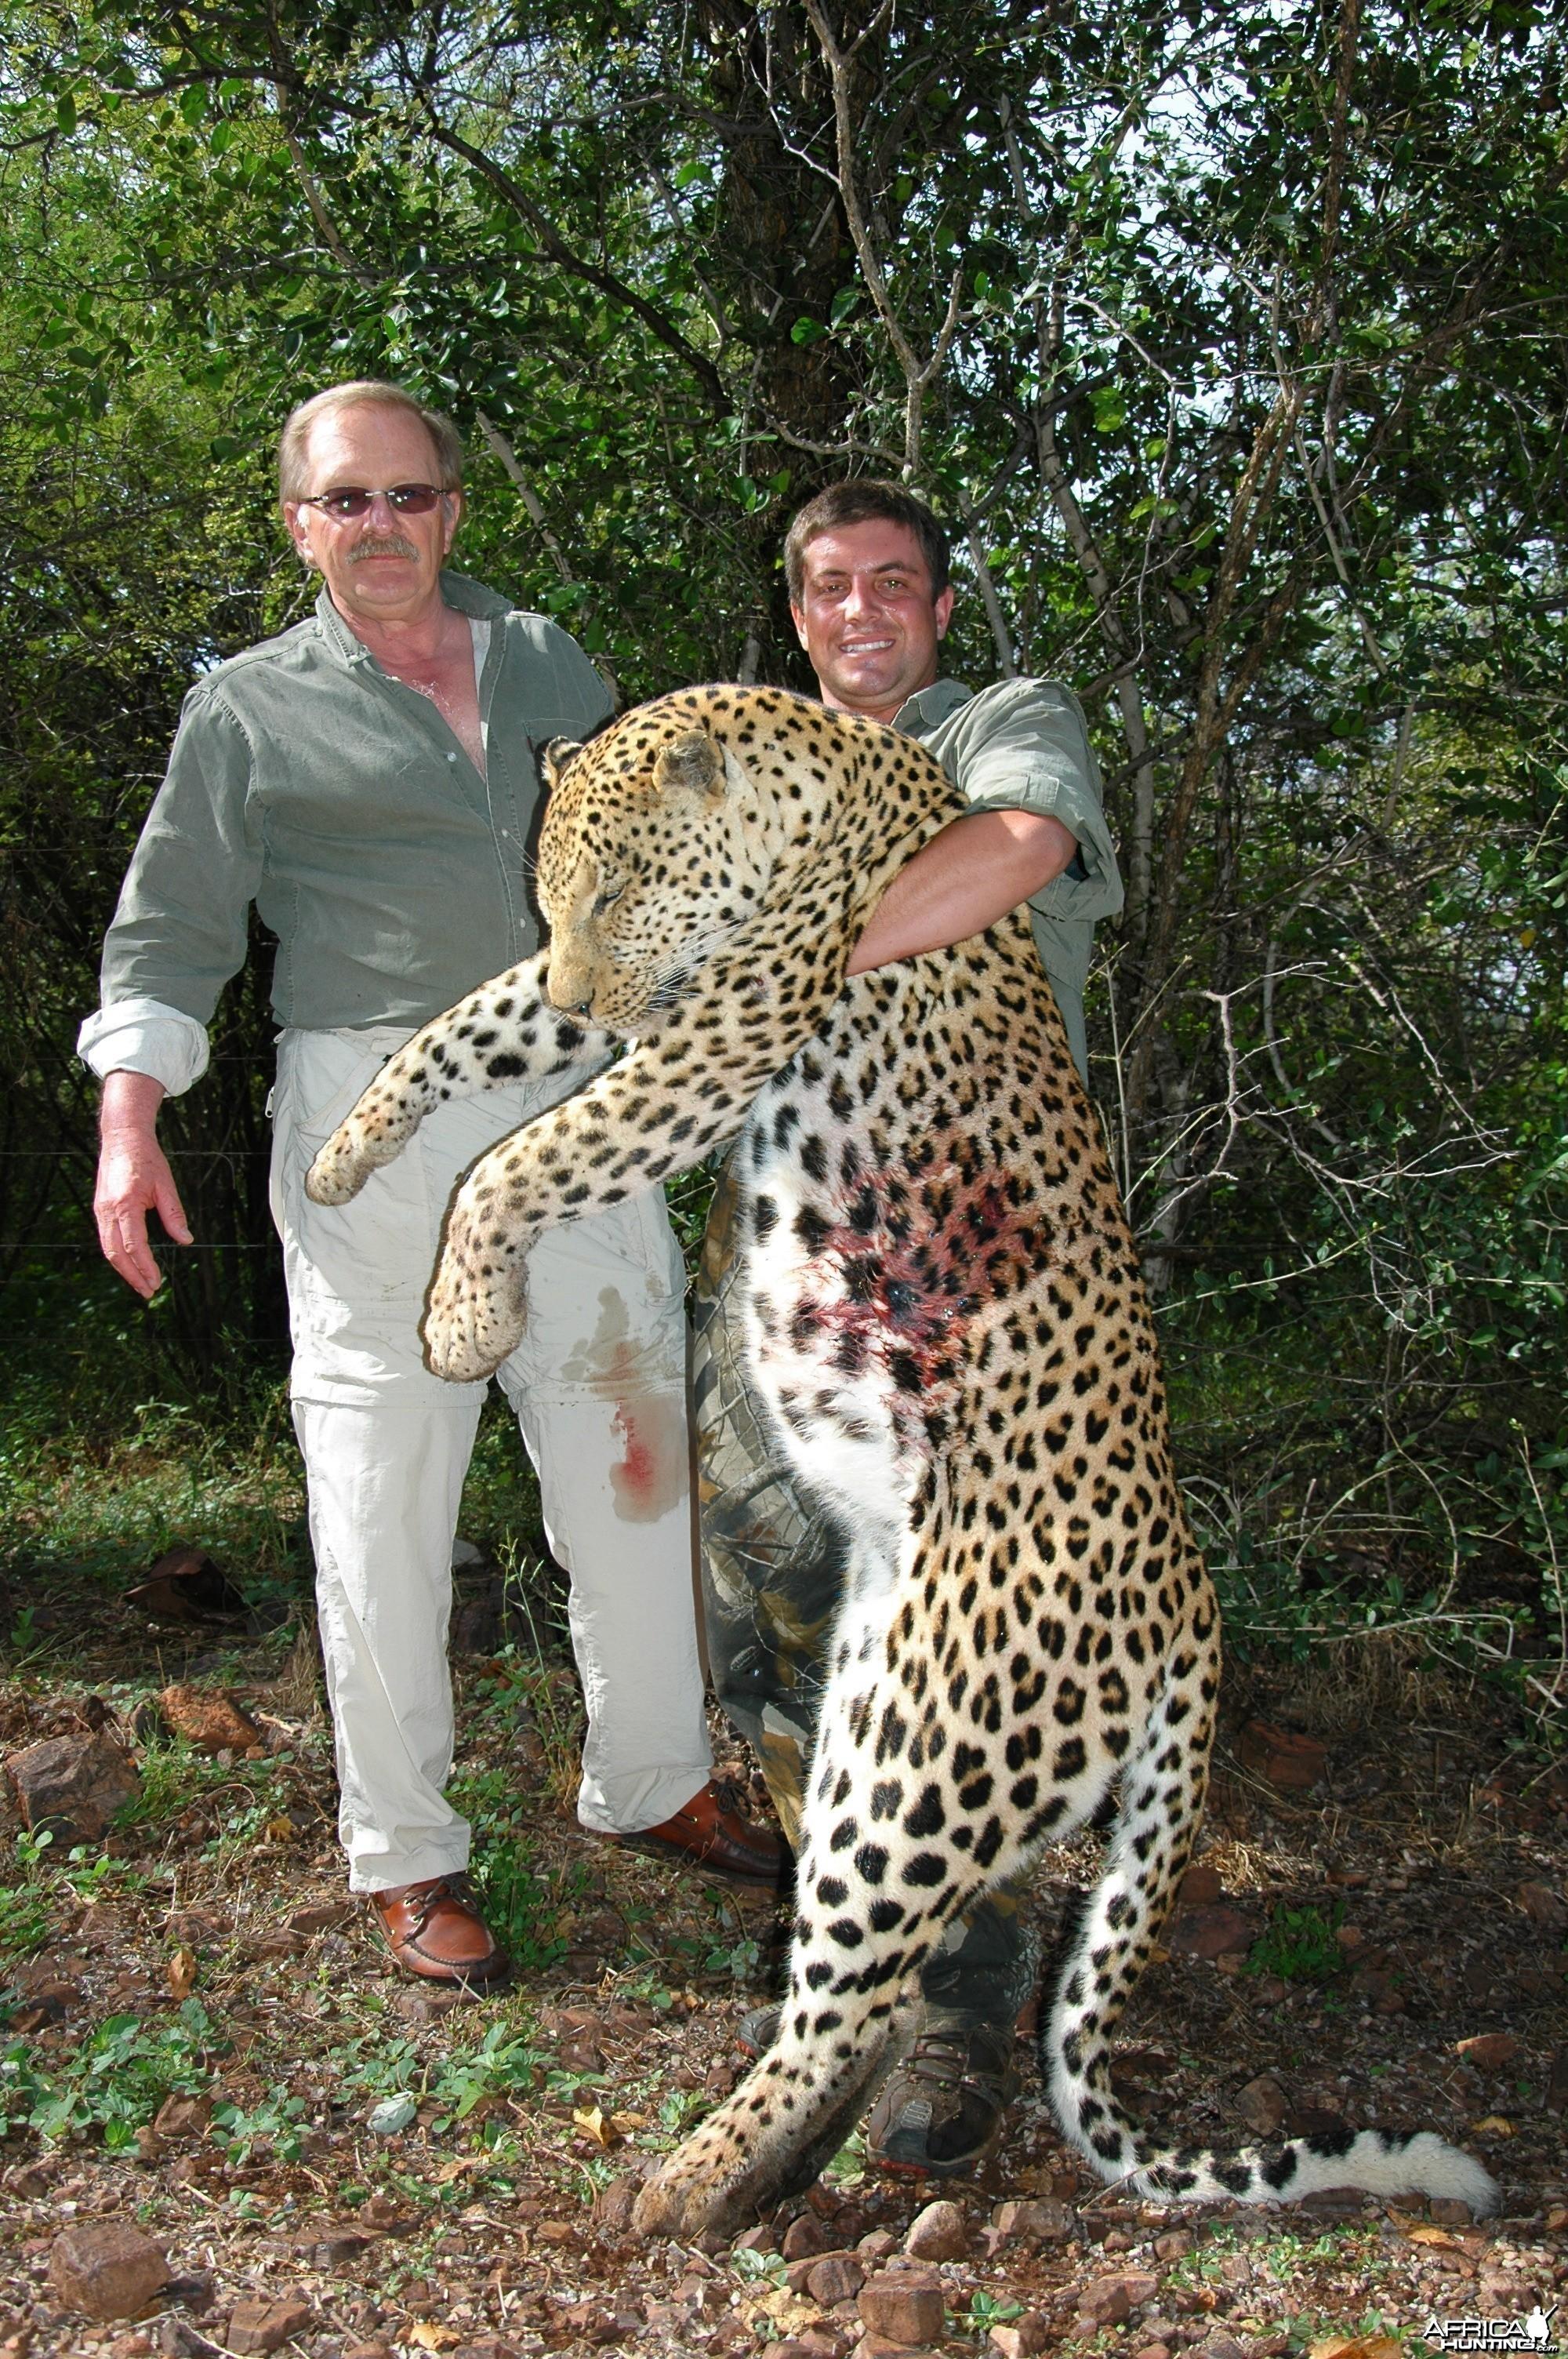 Big Leopard!